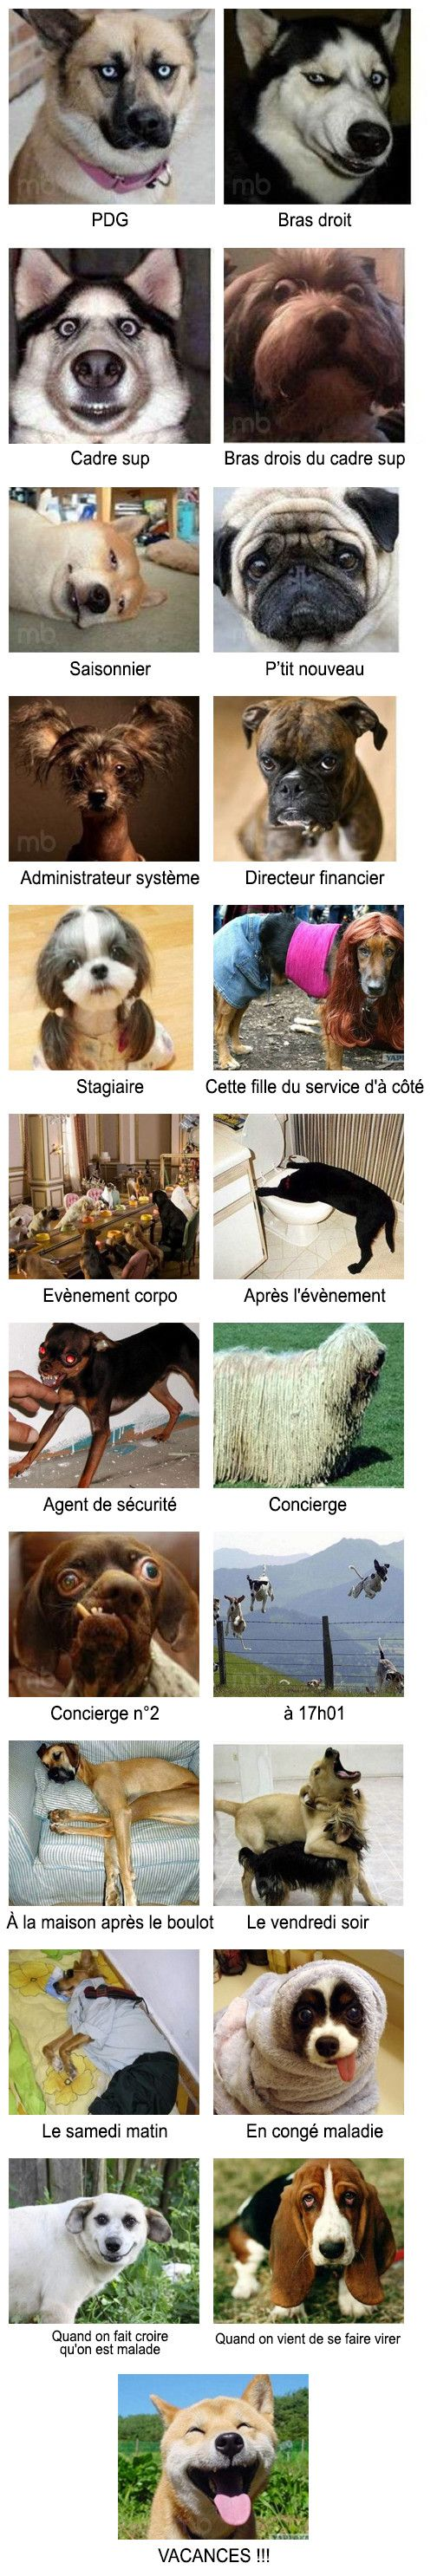 Du PDG au stagiaire : la hiérarchie en entreprise vue par des chiens: